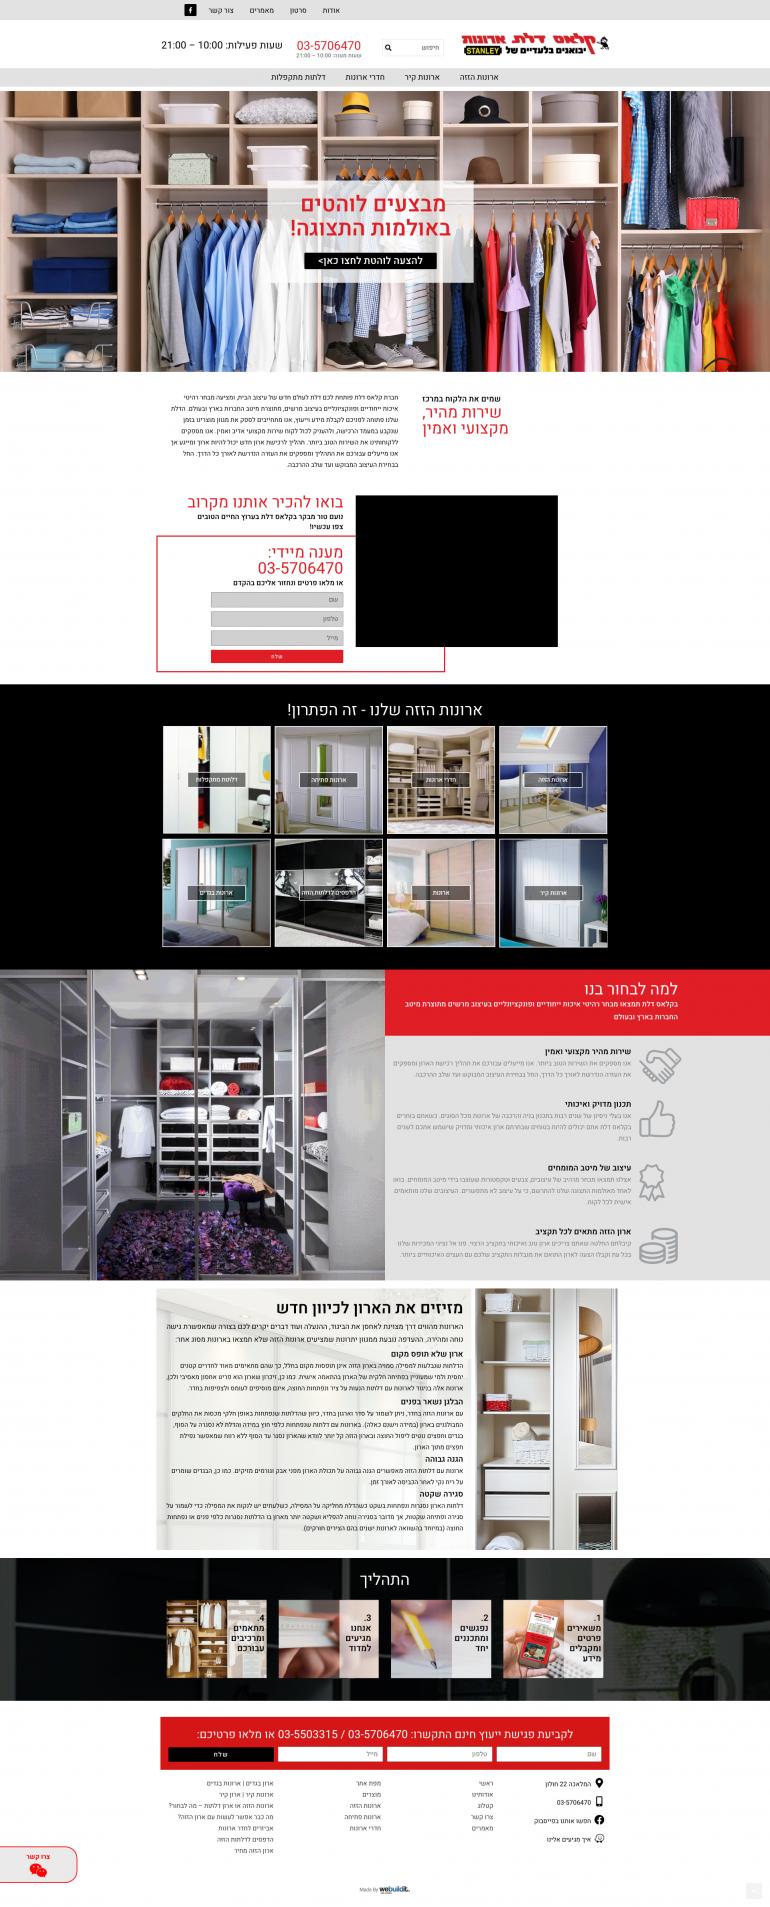 בניית אתרים לעיצוב הבית קלאסדלת